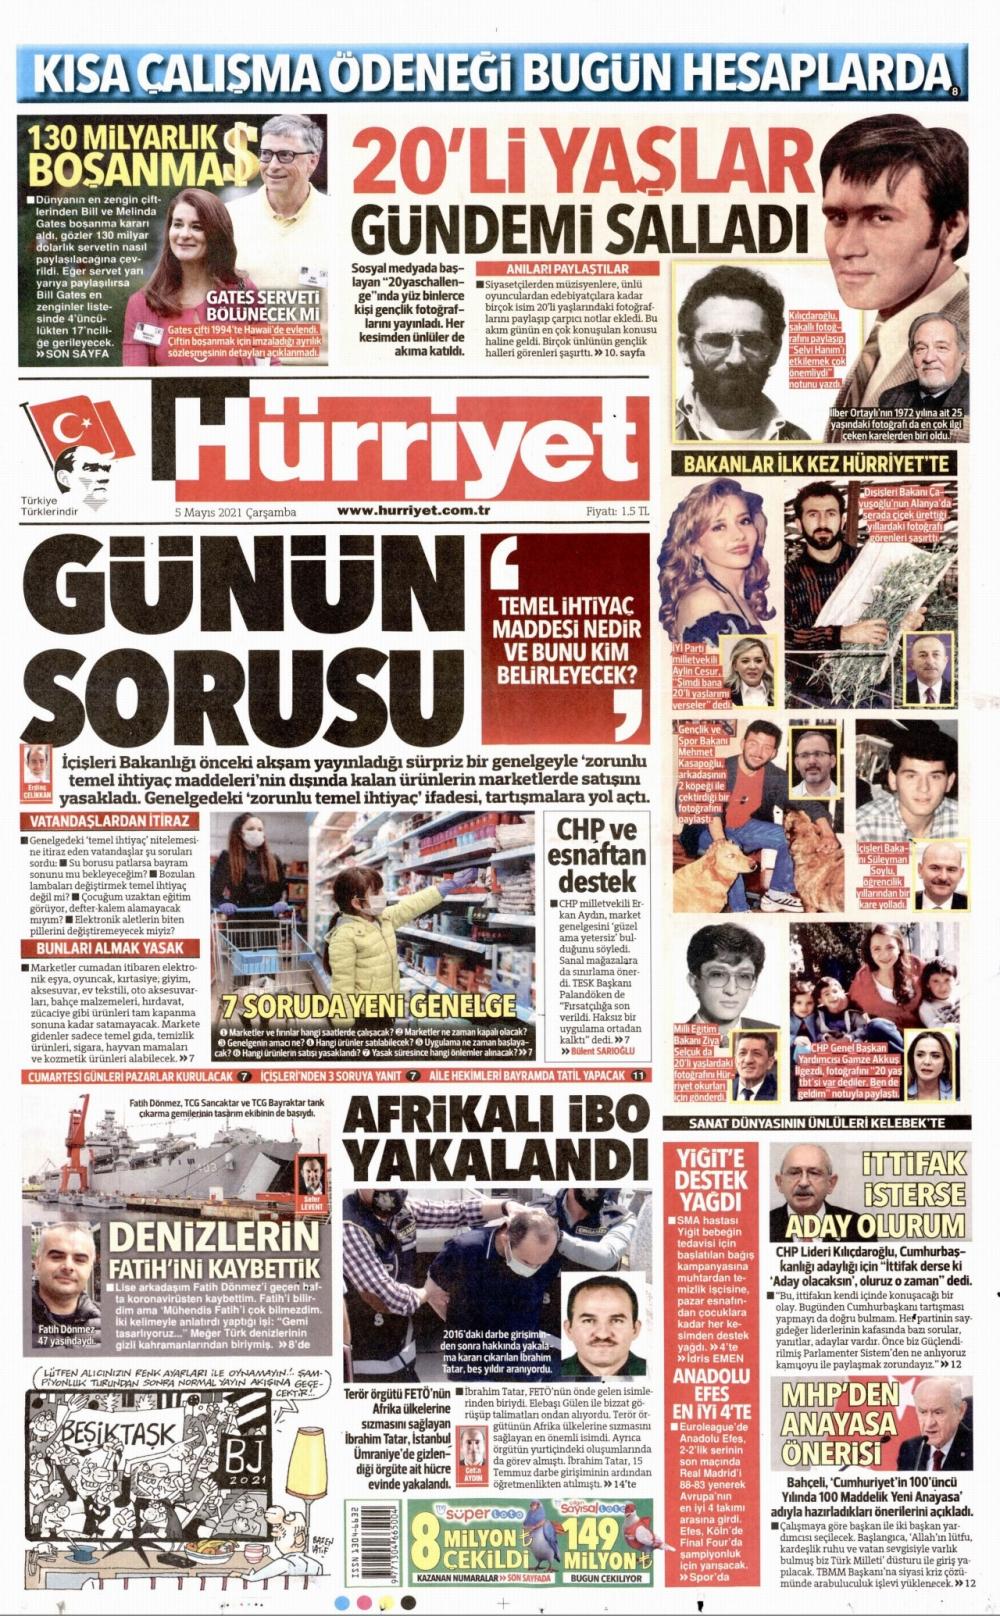 Günün Gazete Manşetleri 5 Mayıs 2021 Gazeteler Ne Diyor? 1